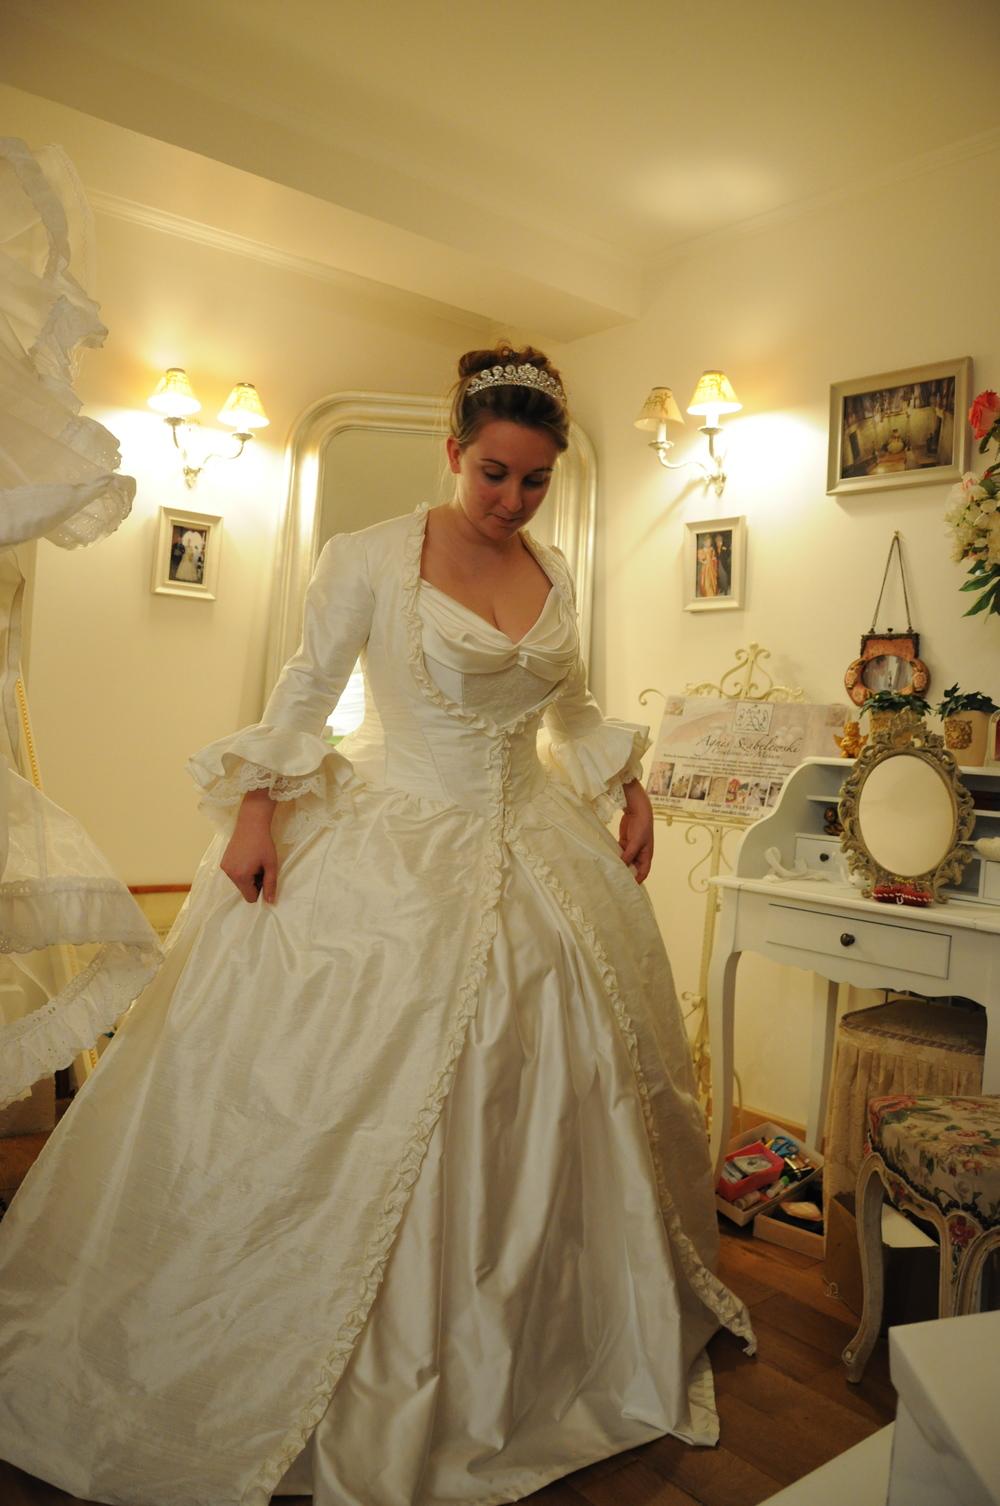 Manteau de mariée en soie sauvage style 18e